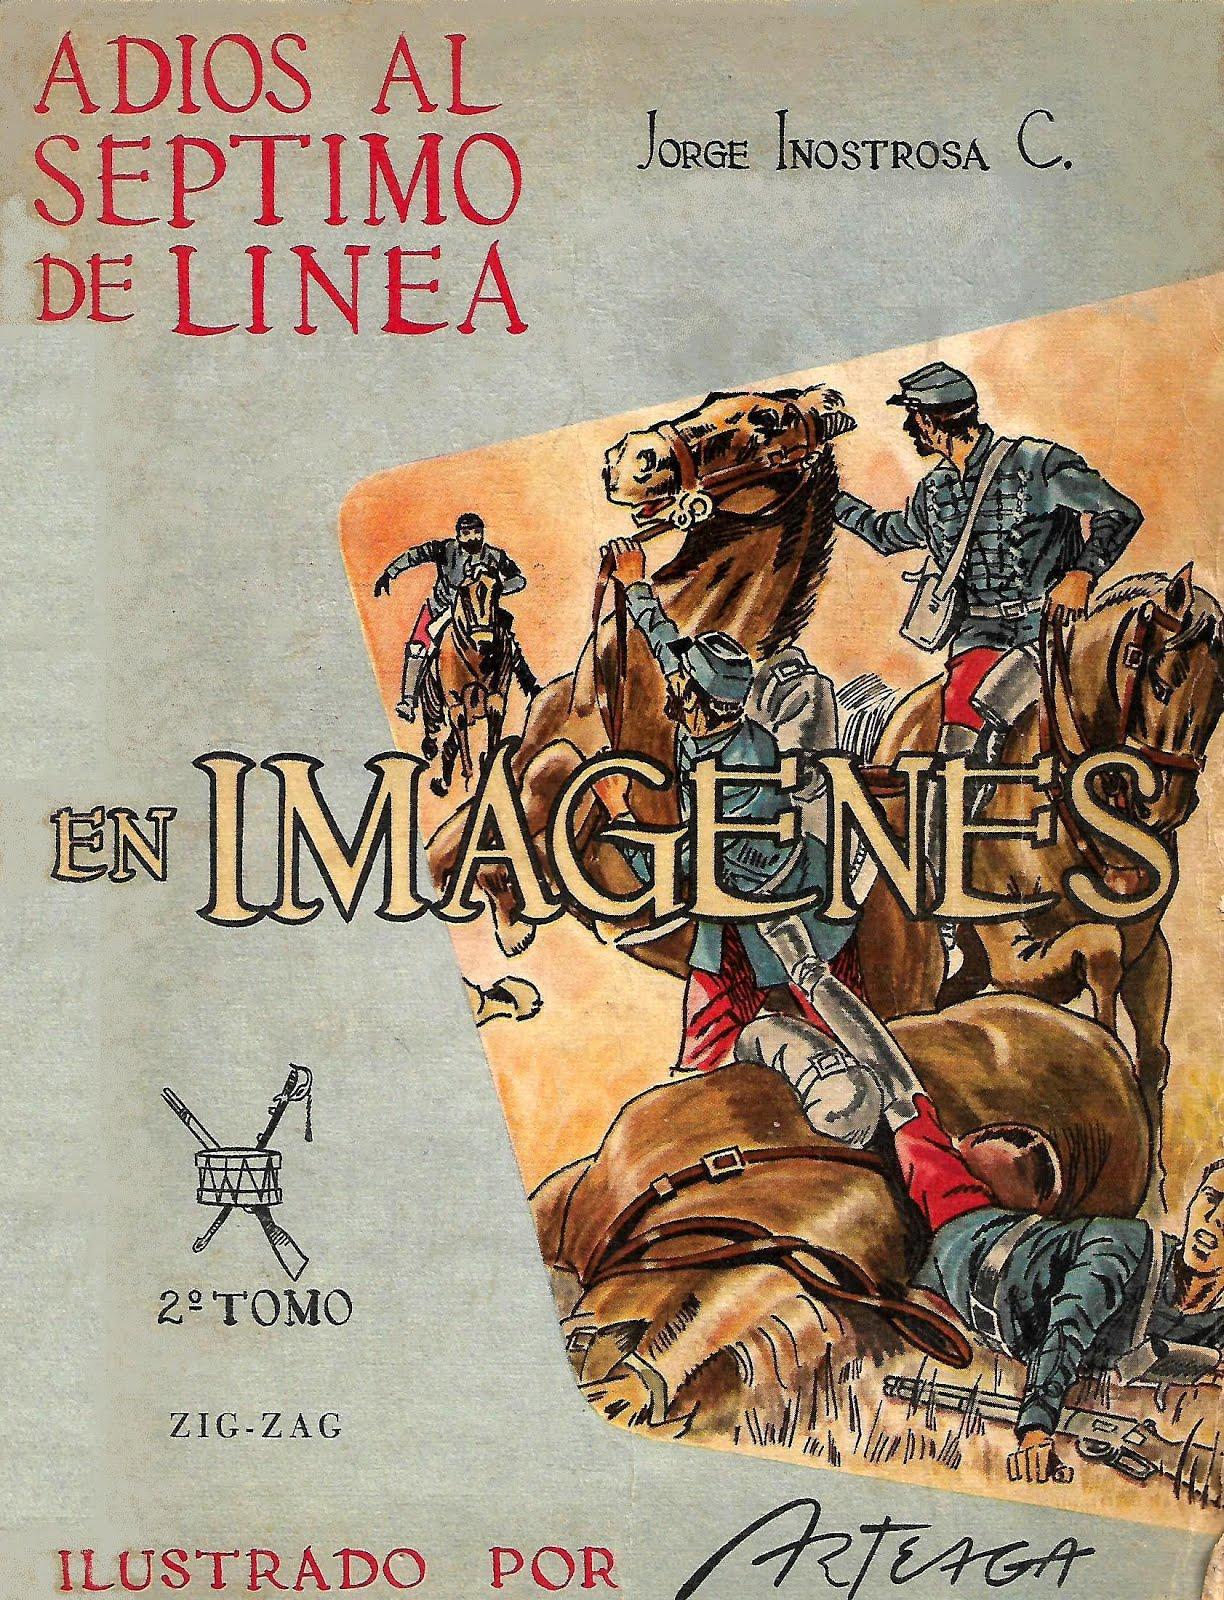 ADIÓS AL 7º DE LINEA, en imágenes. Jorge Inostrosa C. - Arteaga2 TOMOS, COLECCIÓN COMPLETA